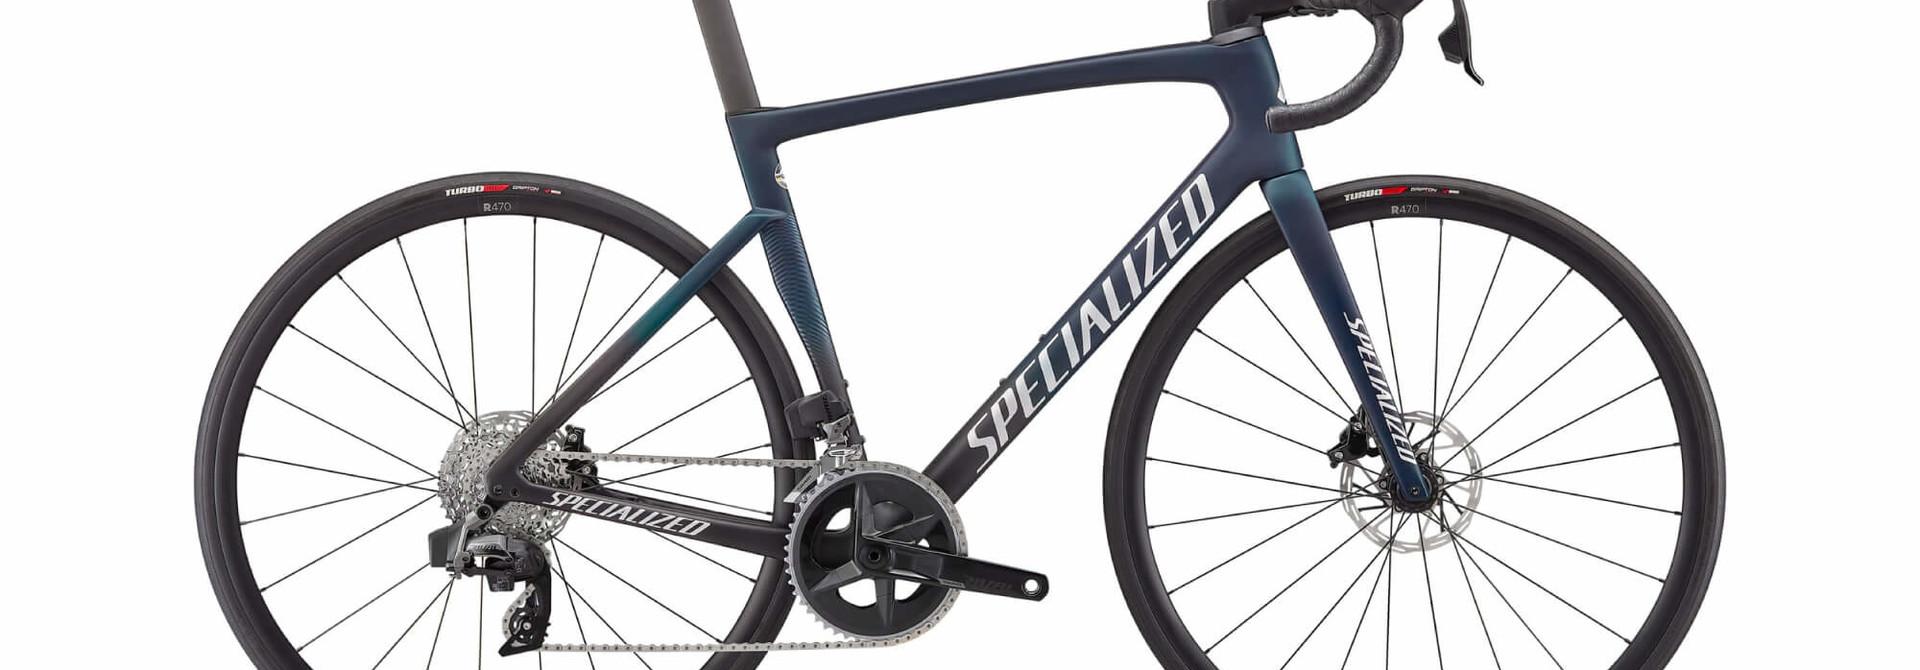 Tarmac SL7 Comp - Rival Etap AXS 2022